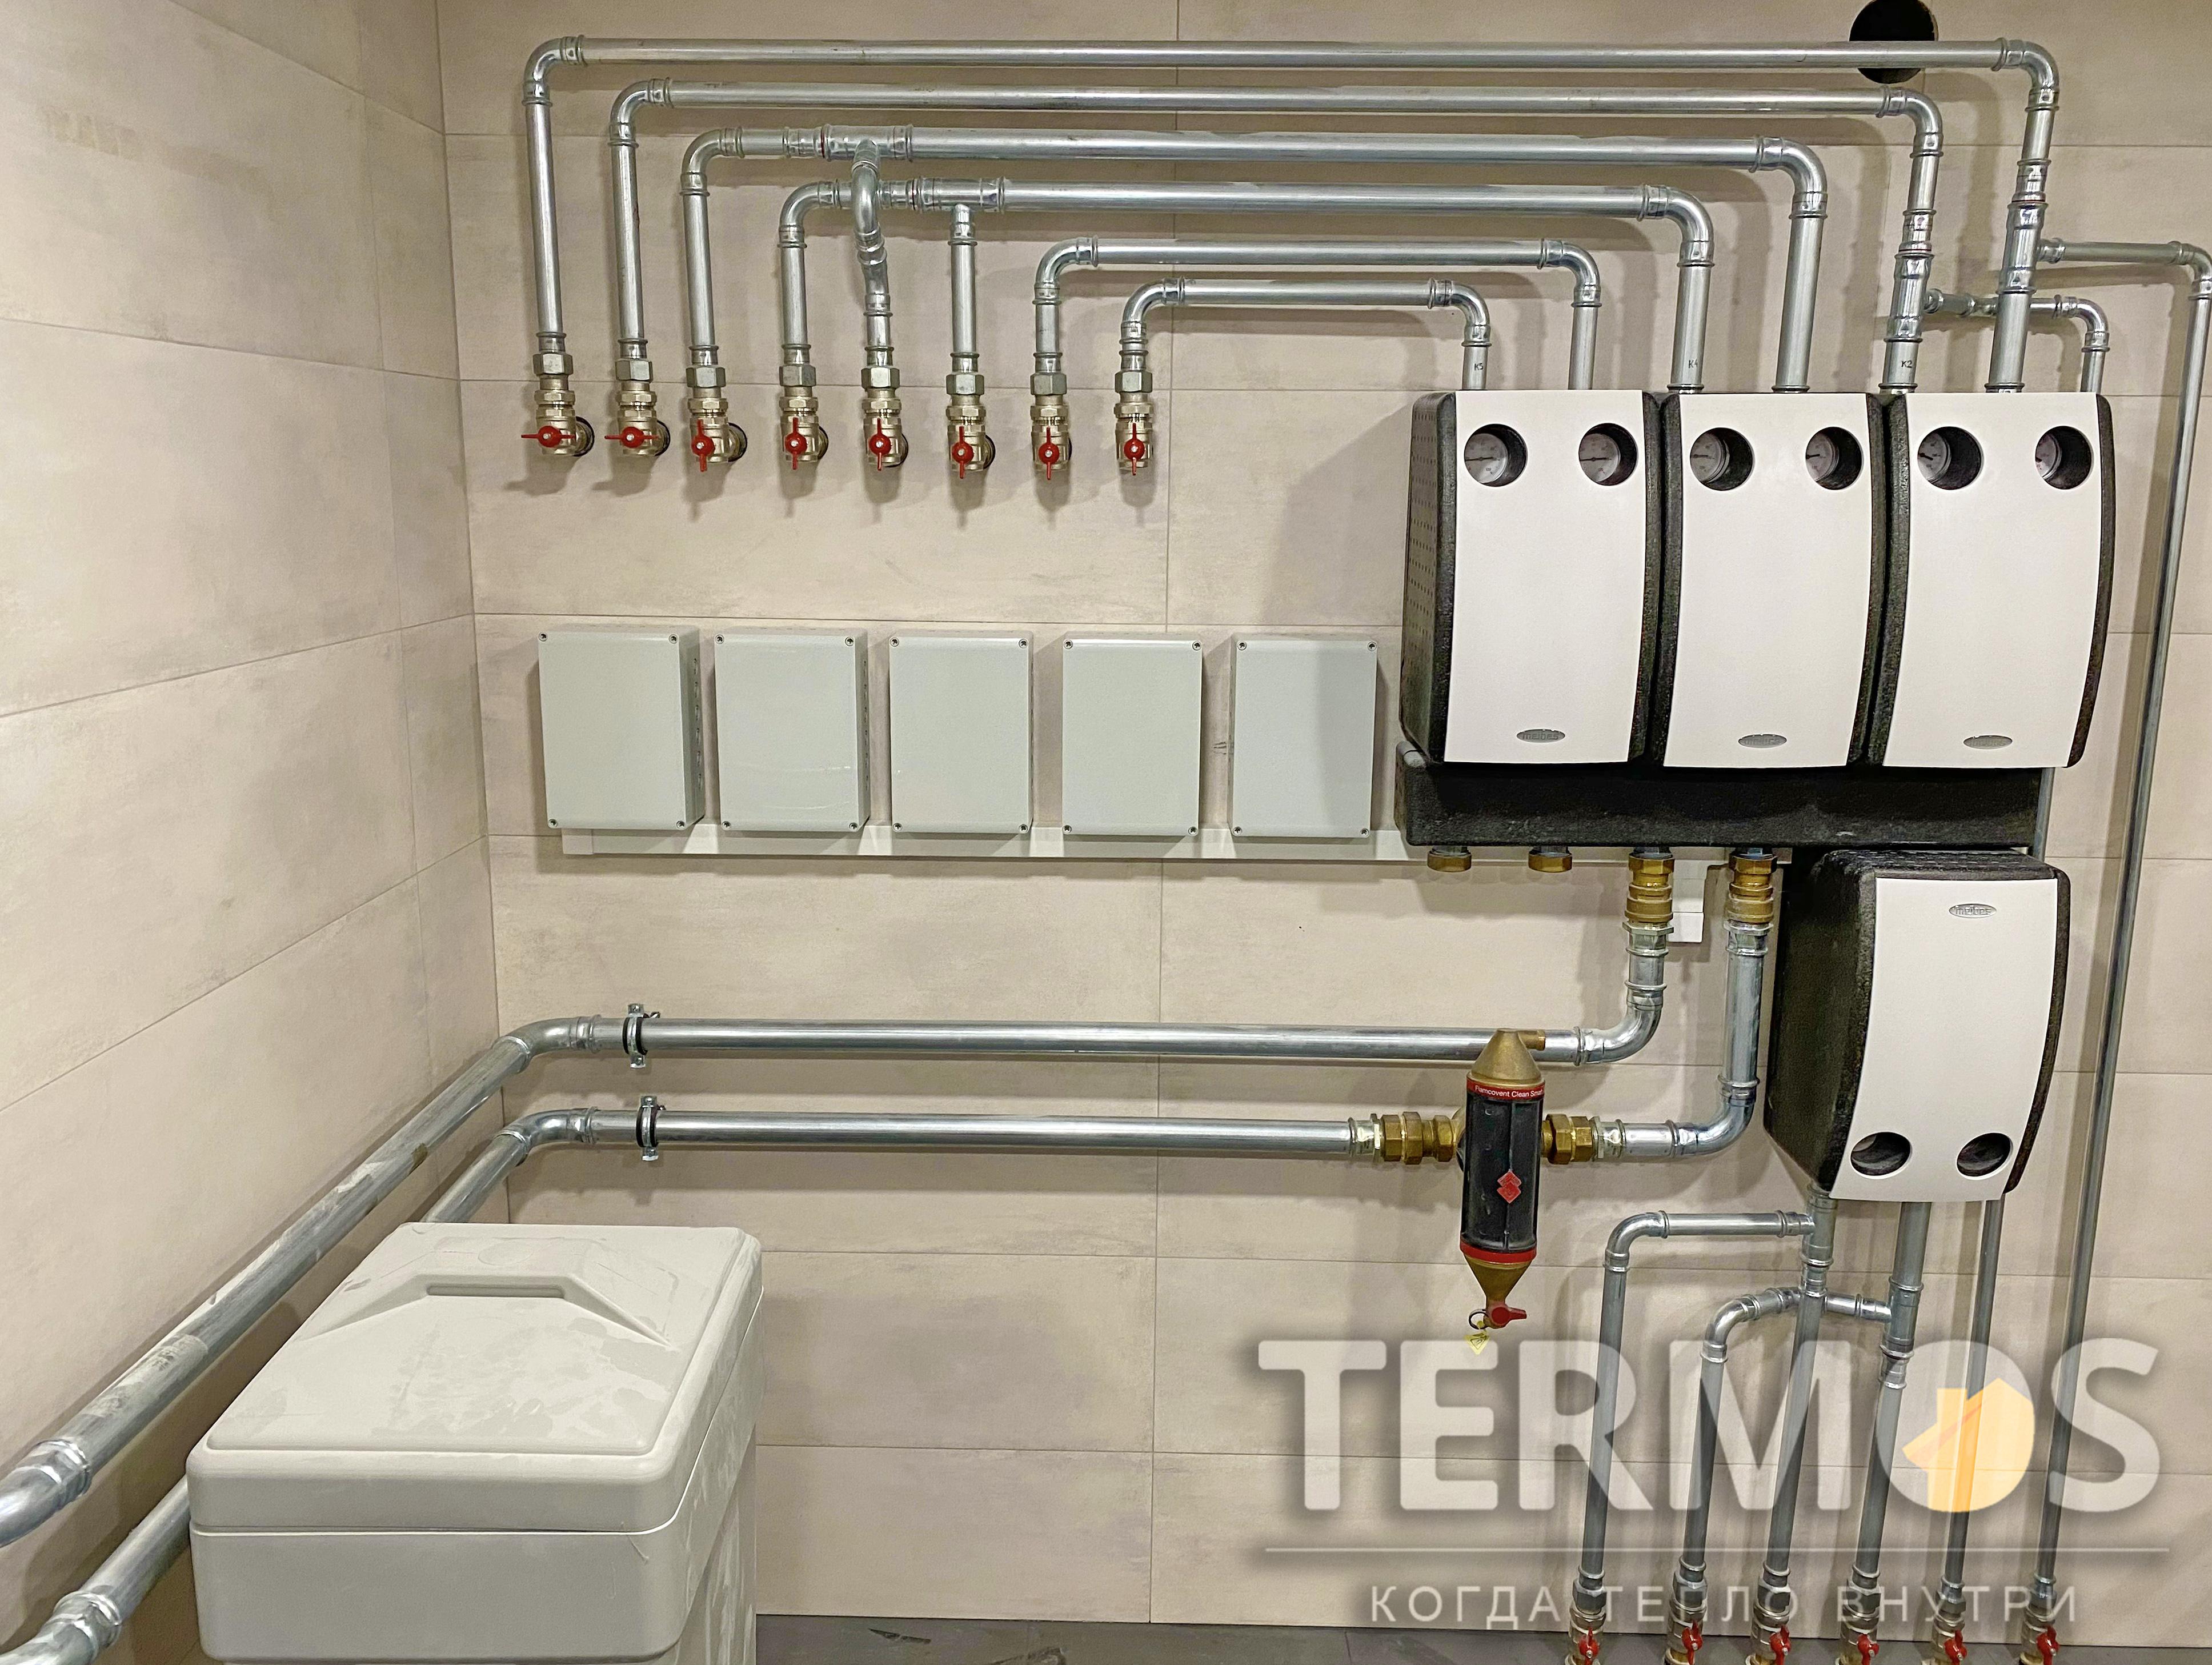 Функции нагрева: отопление дома радиаторами, поэтажное отопление теплым полом, приготовление горячей воды в 500 л бойлере, автоматический нагрев наружного бассейна, контроль и управление через интернет